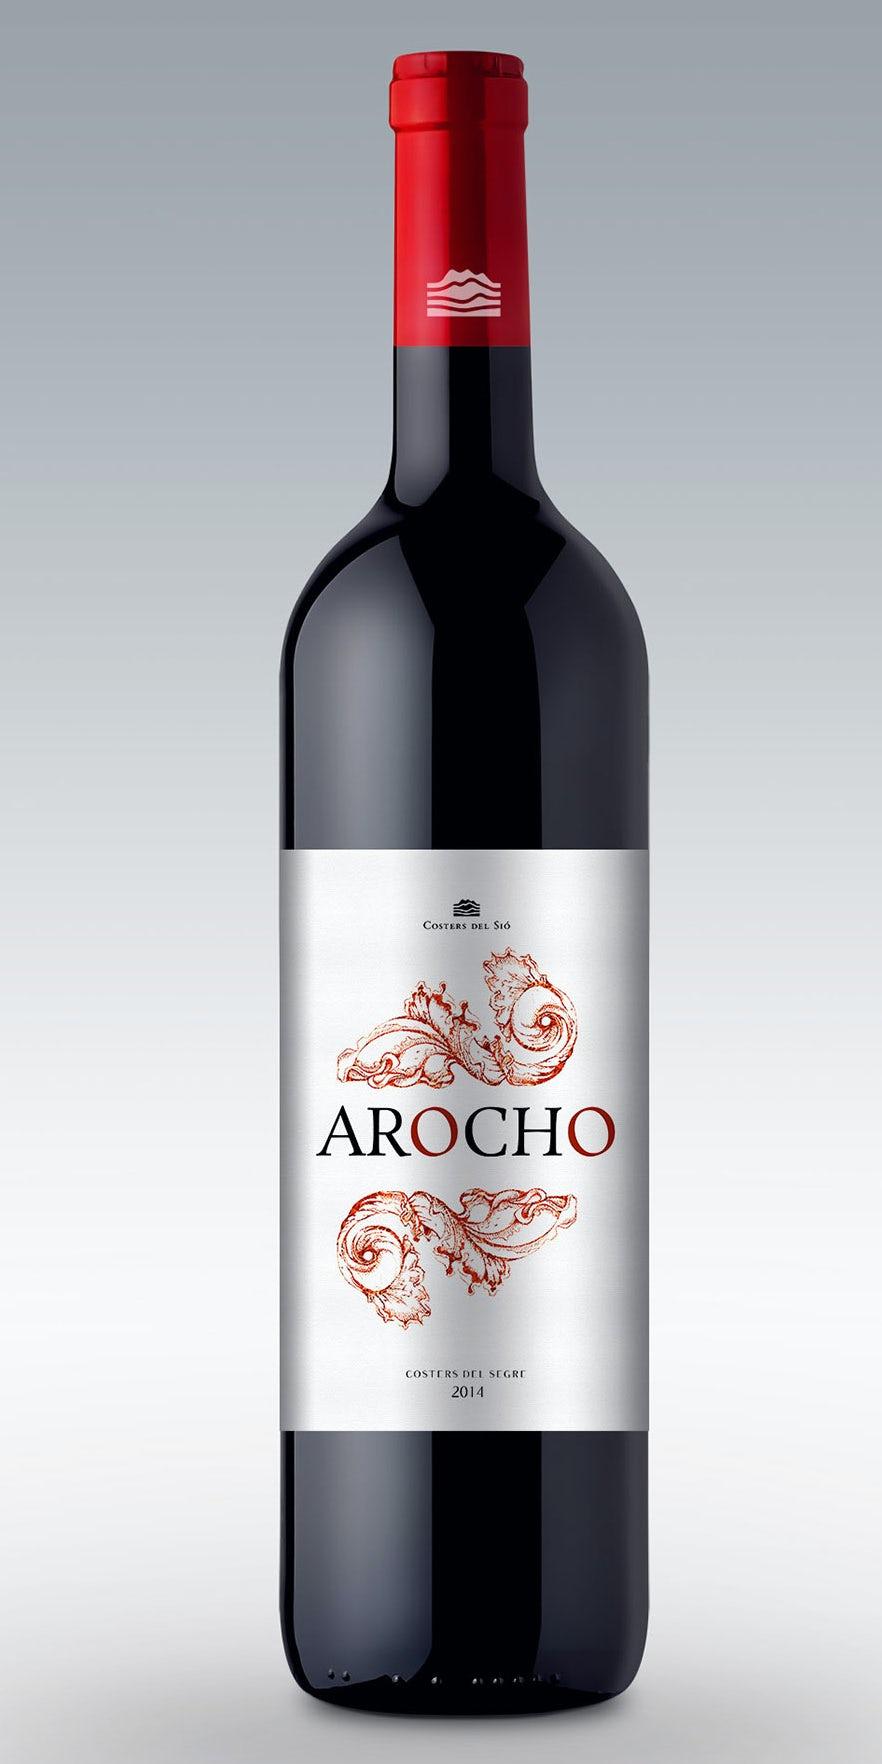 Một thiết kế nhãn rượu truyền thống sử dụng màu đỏ đậm để gợi lên sự táo bạo của nho. Nhãn rượu Arocho bởi tale026.